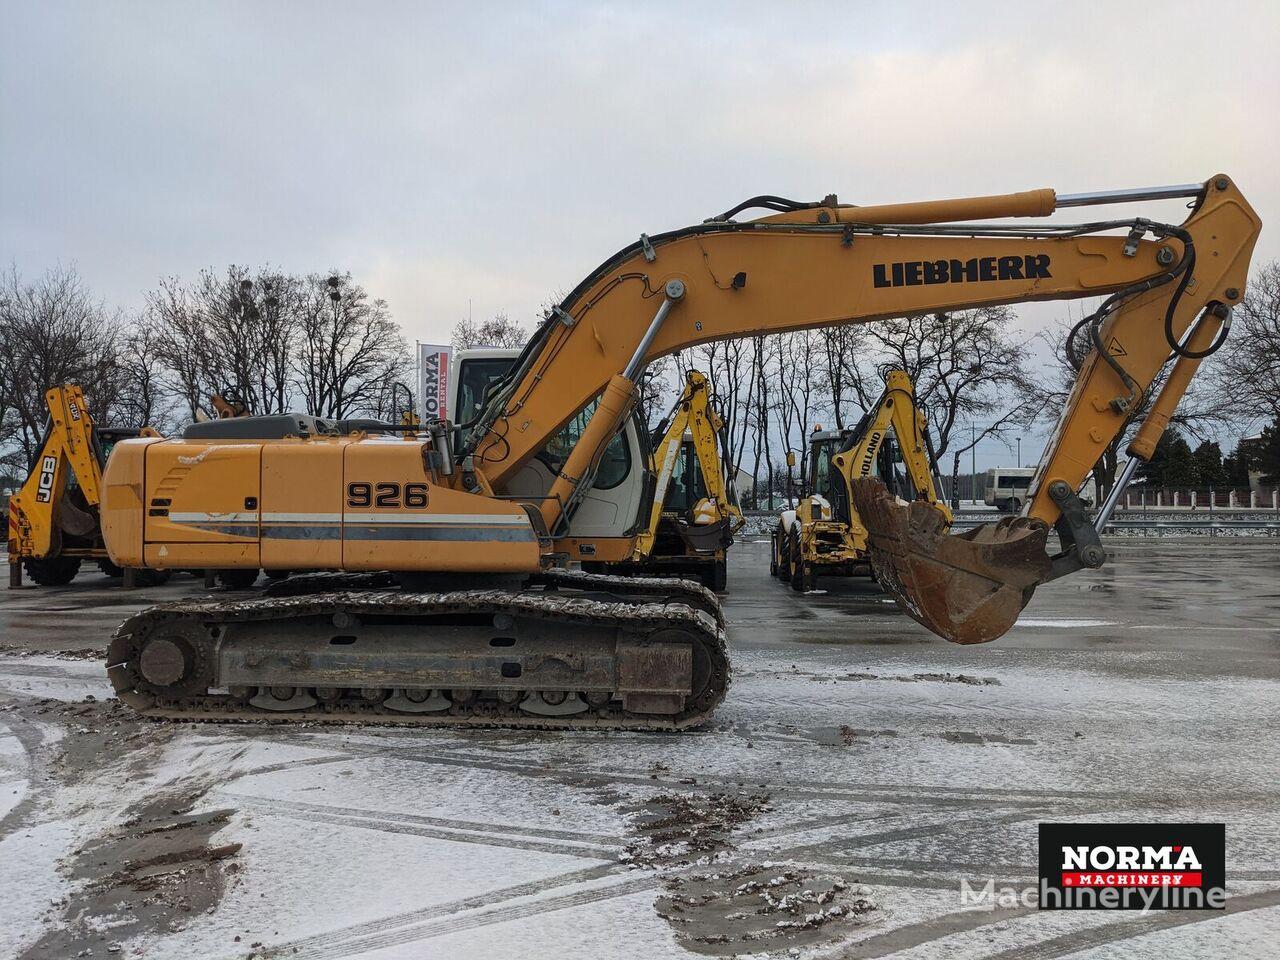 LIEBHERR R926 LC tracked excavator